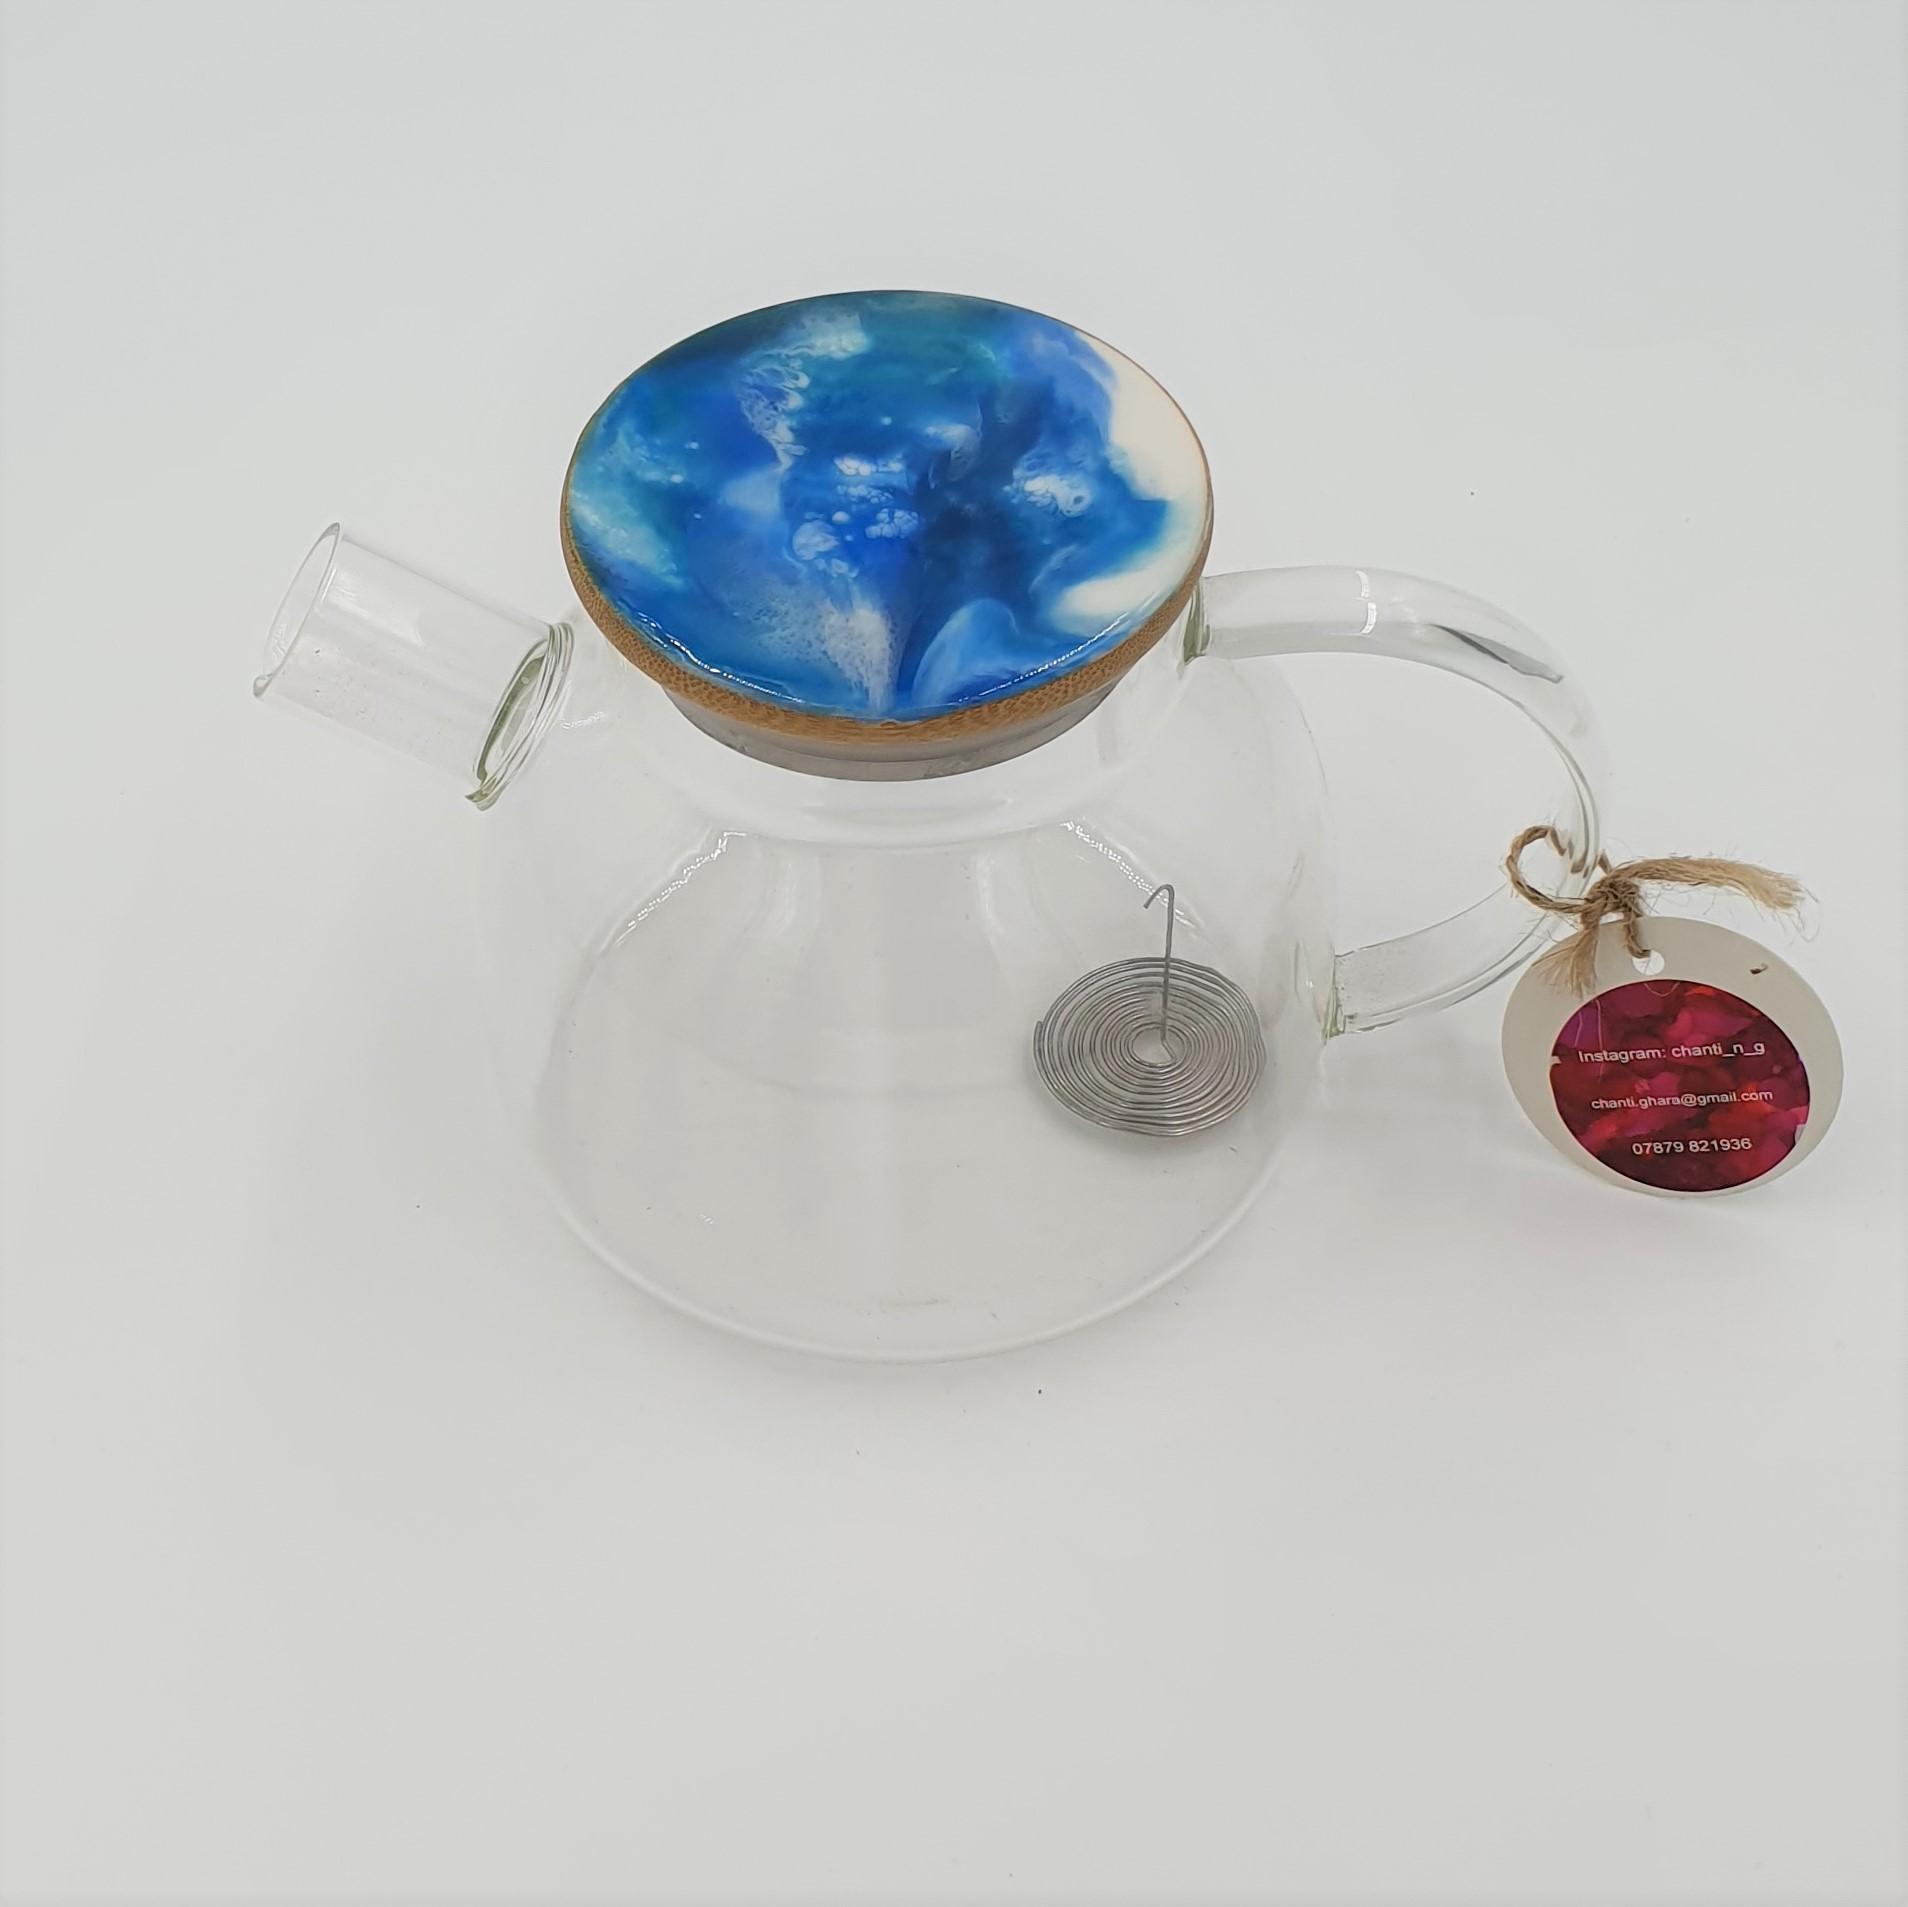 Chantal - Glass teapot